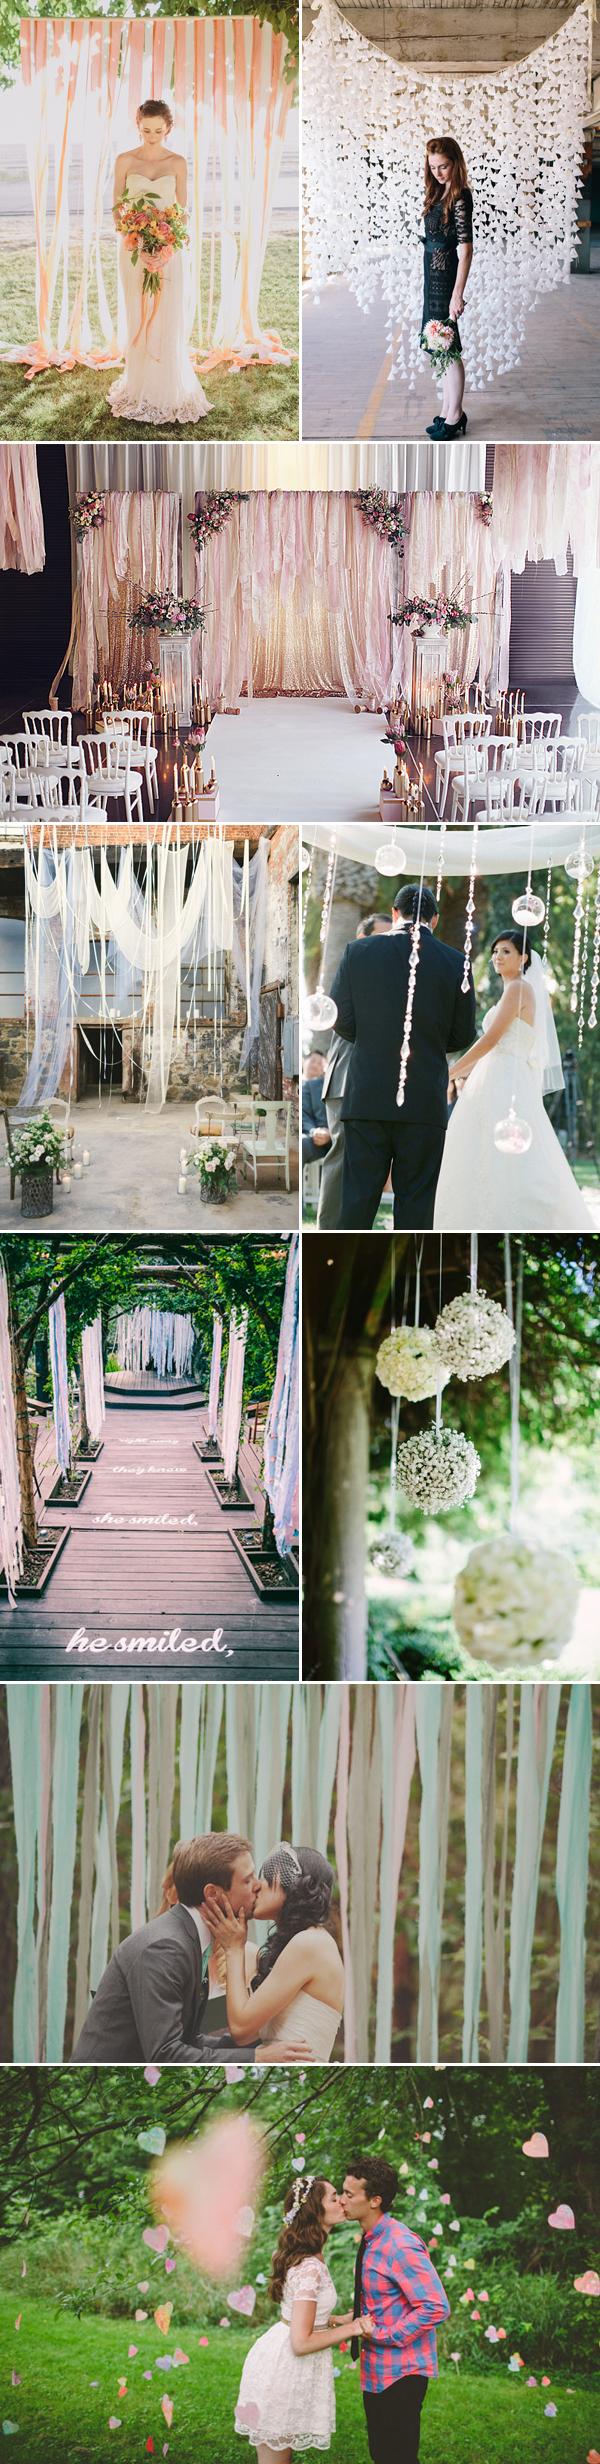 DIY-backdrop01-romantic-9287-1412678746.